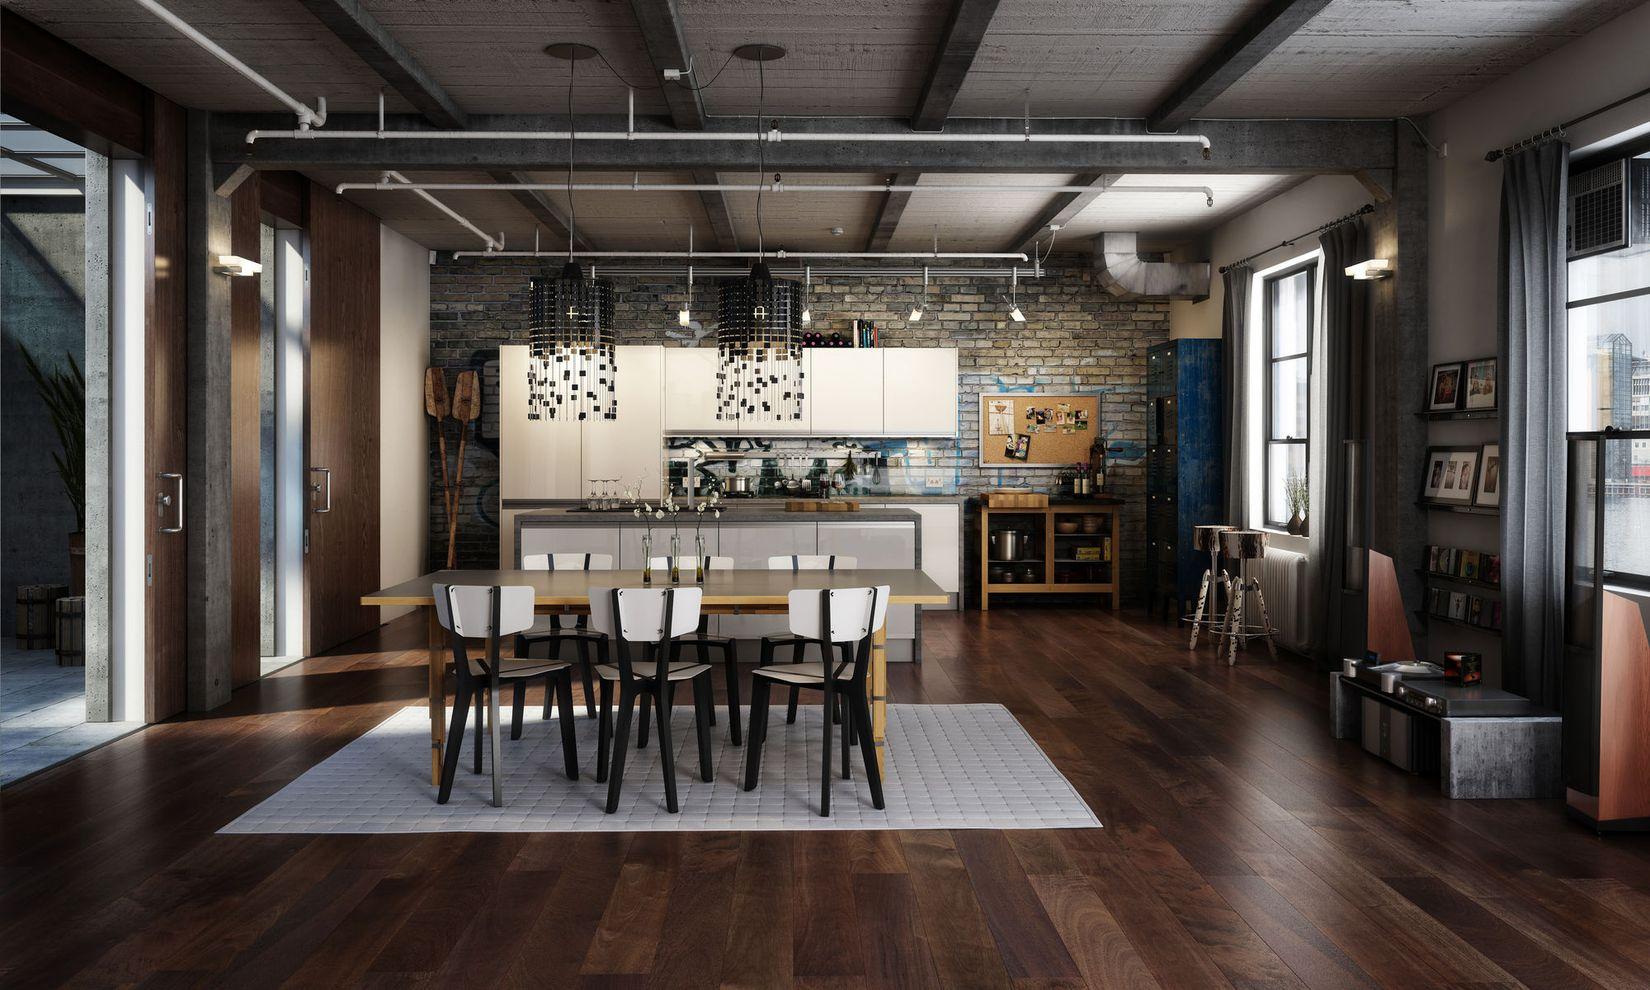 Phong cách thiết kế nội thất công nghiệp - Phong cách mạnh mẽ và ...